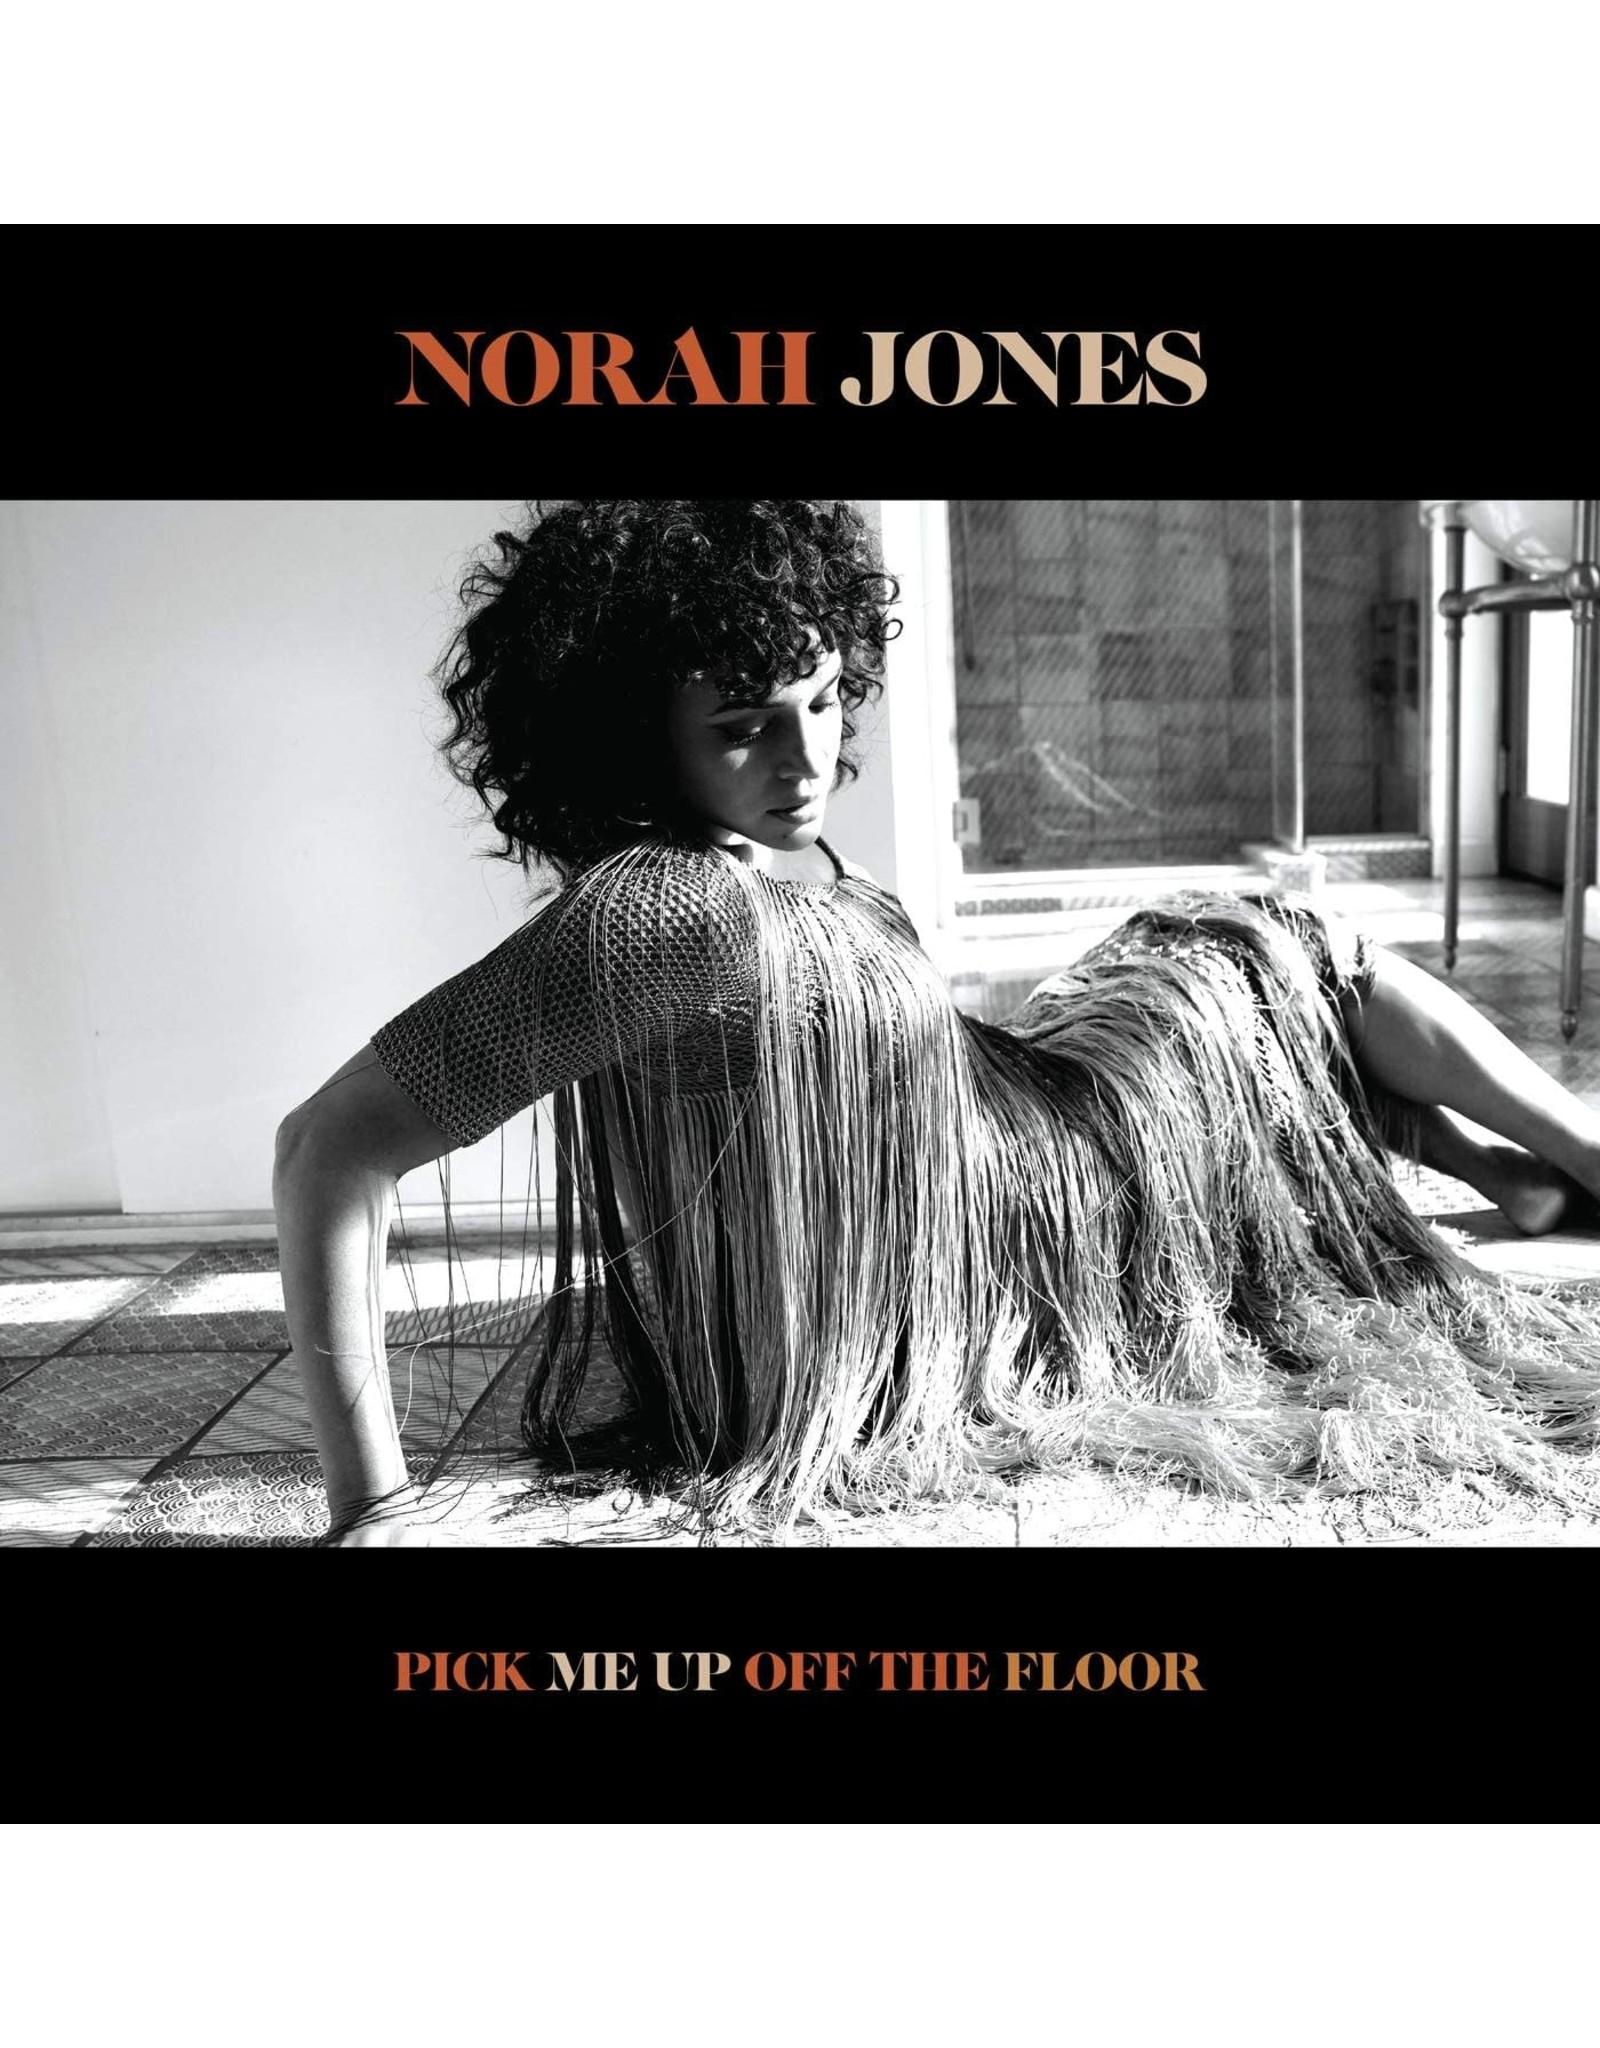 Jones, Norah - Pick Me Up Off the Floor LP